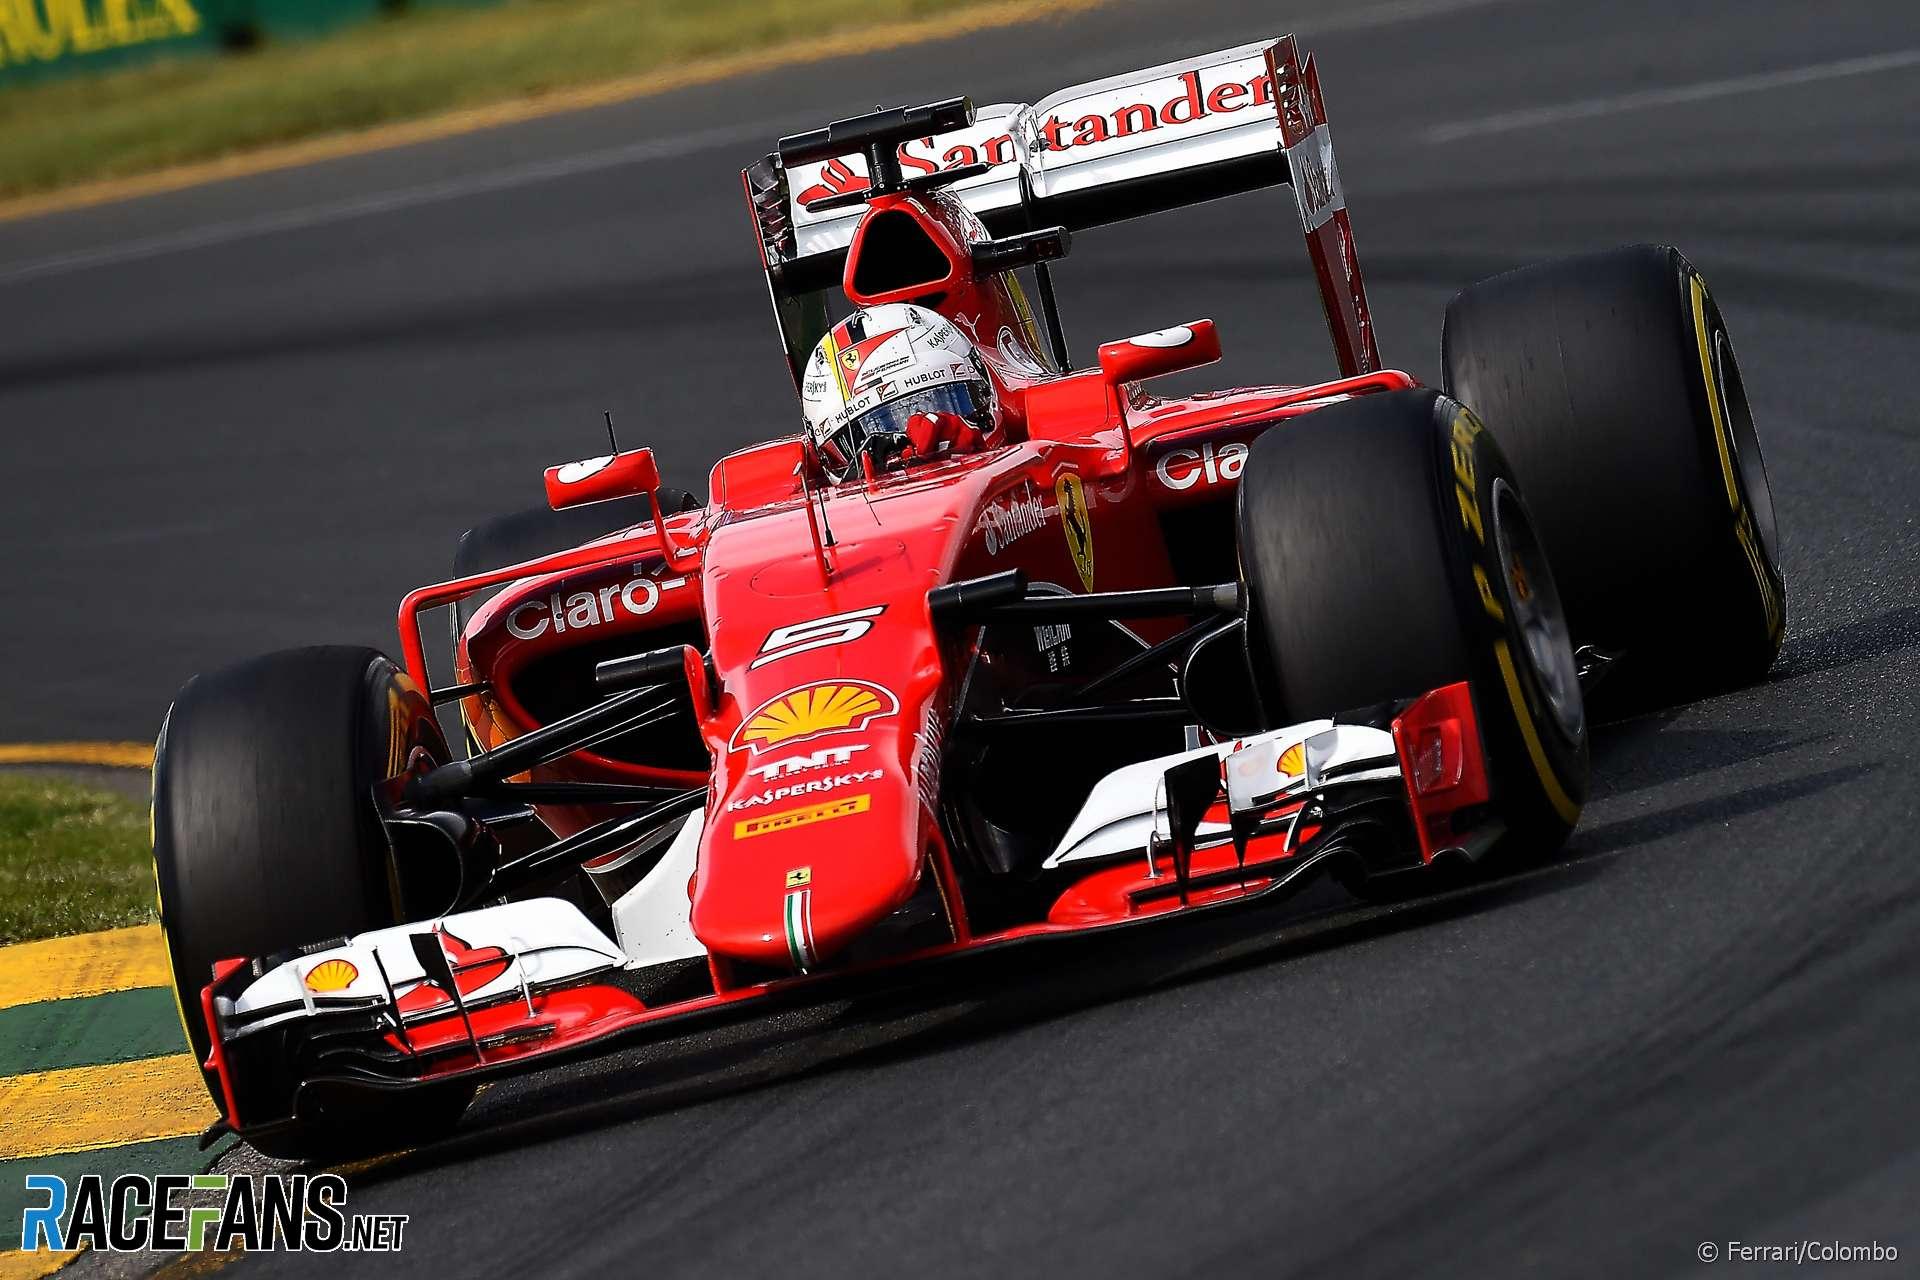 Sebastian Vettel, Ferrari, Melbourne, 2015